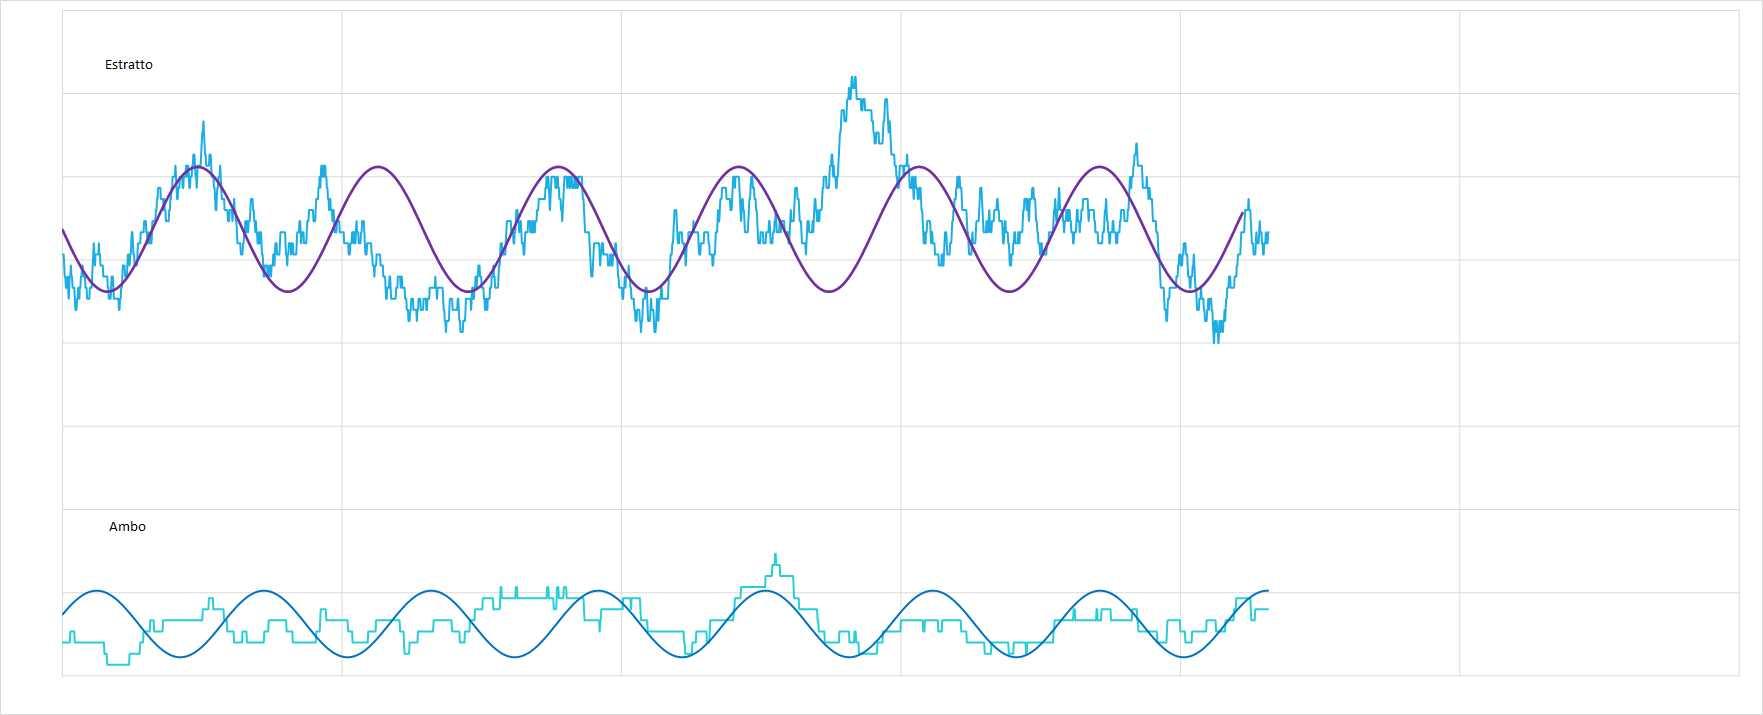 Ipotetico andamento sinusoidale interpolante per le medie dell'estratto e dell'ambo - Aggiornato all'estrazione precedente il 23 Marzo 2021